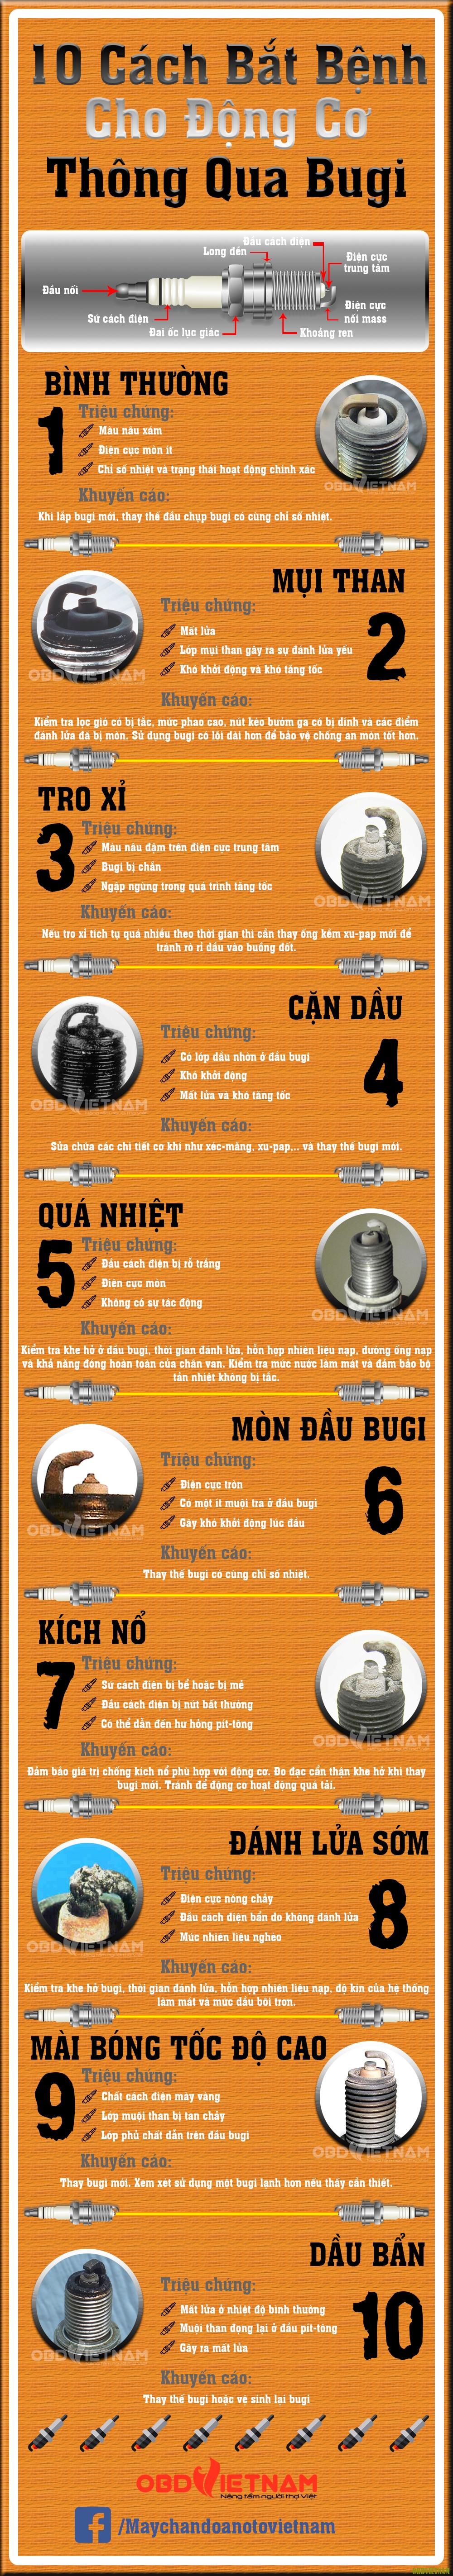 Infographic - 10 Cách Bắt Bệnh Cho Động Cơ Thông Qua Bugi